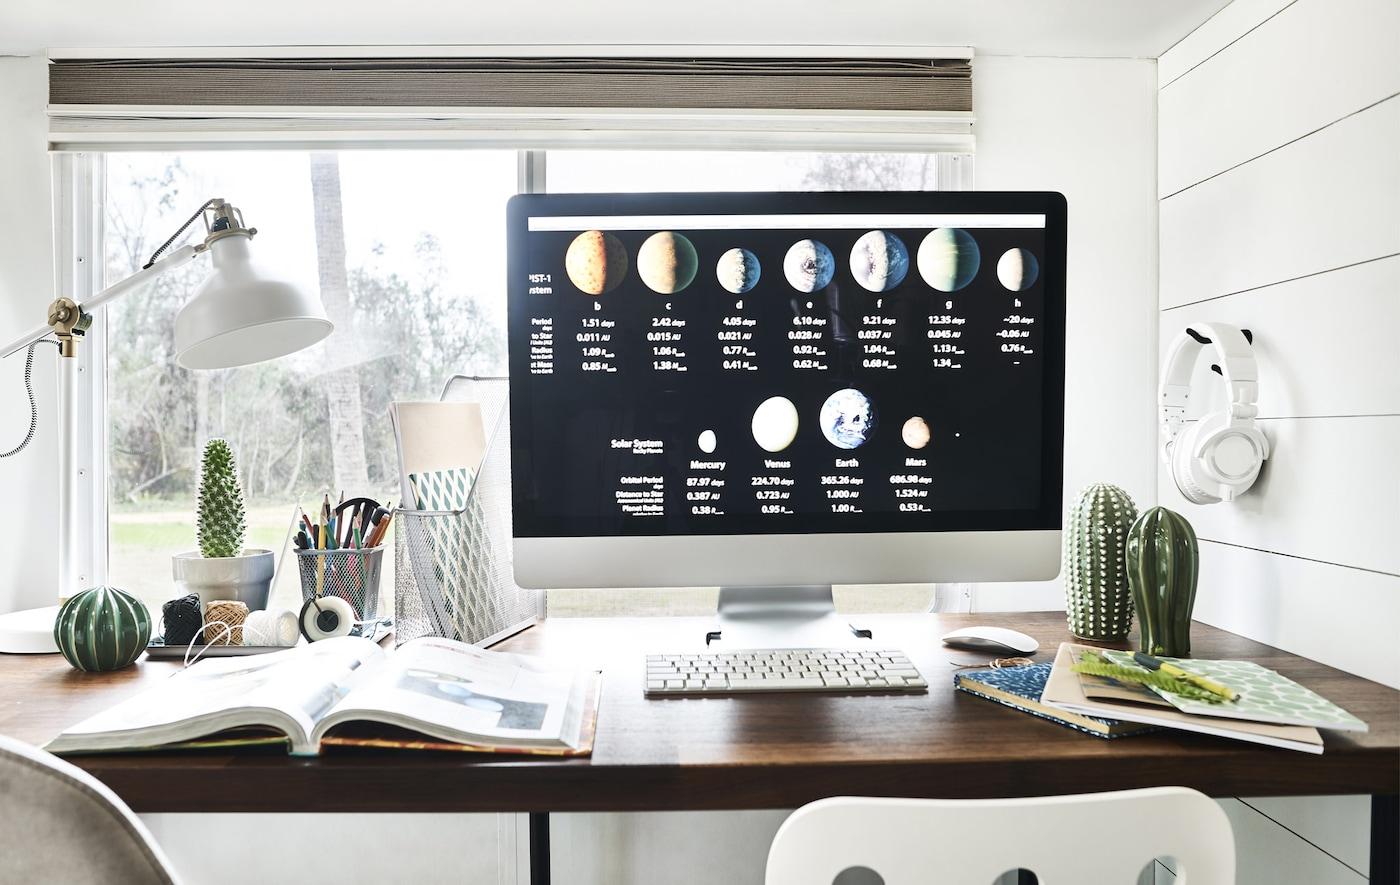 شاشة كمبيوتر على مكتب مع دفاتر ملاحظات، وملفات ومصباح.